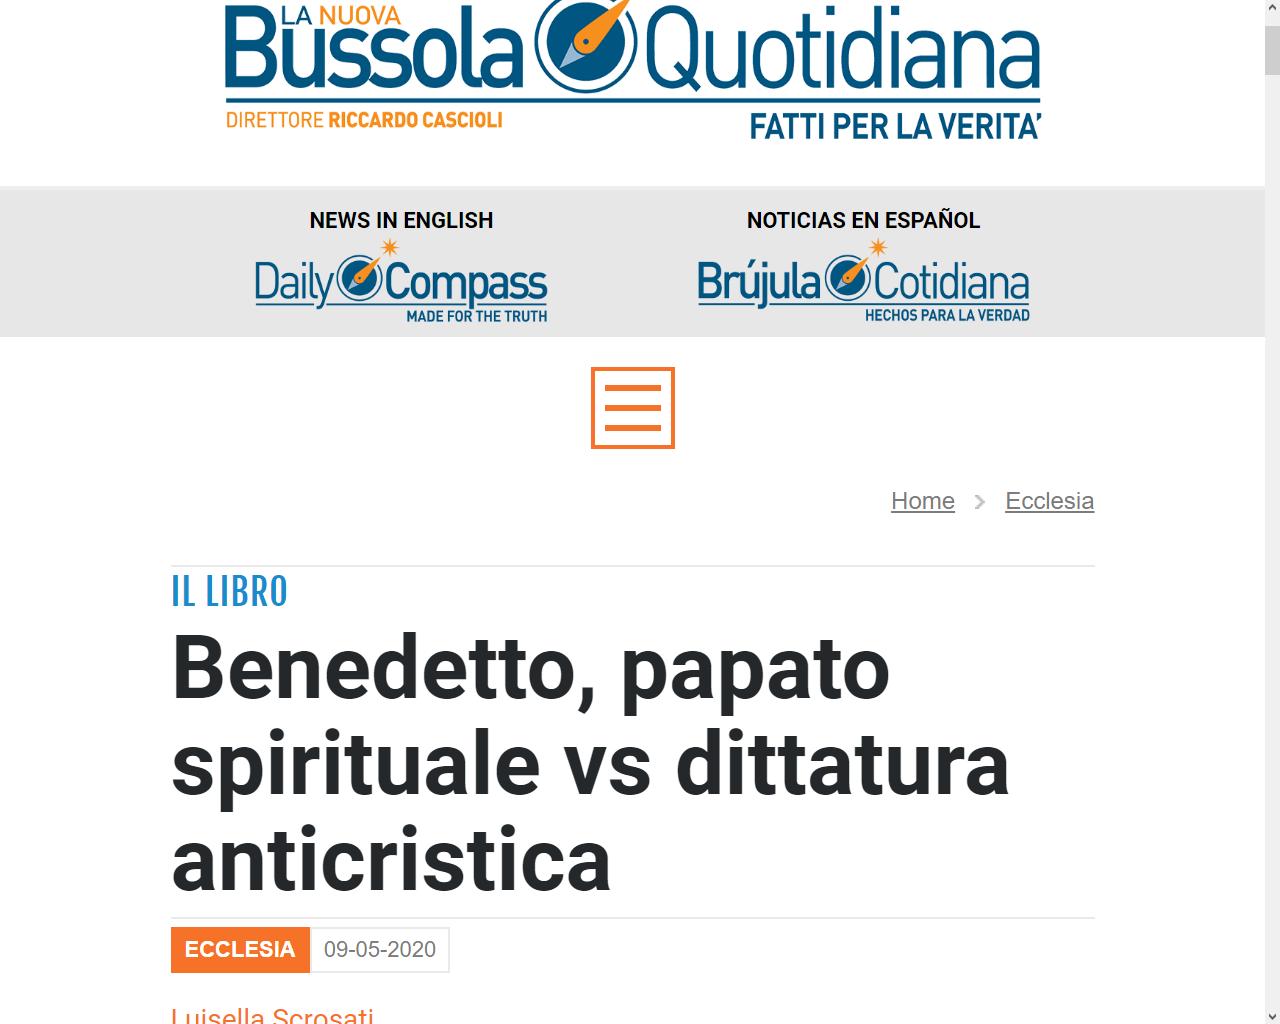 https://www.lanuovabq.it/it/benedetto-papato-spirituale-vs-dittatura-anticristica